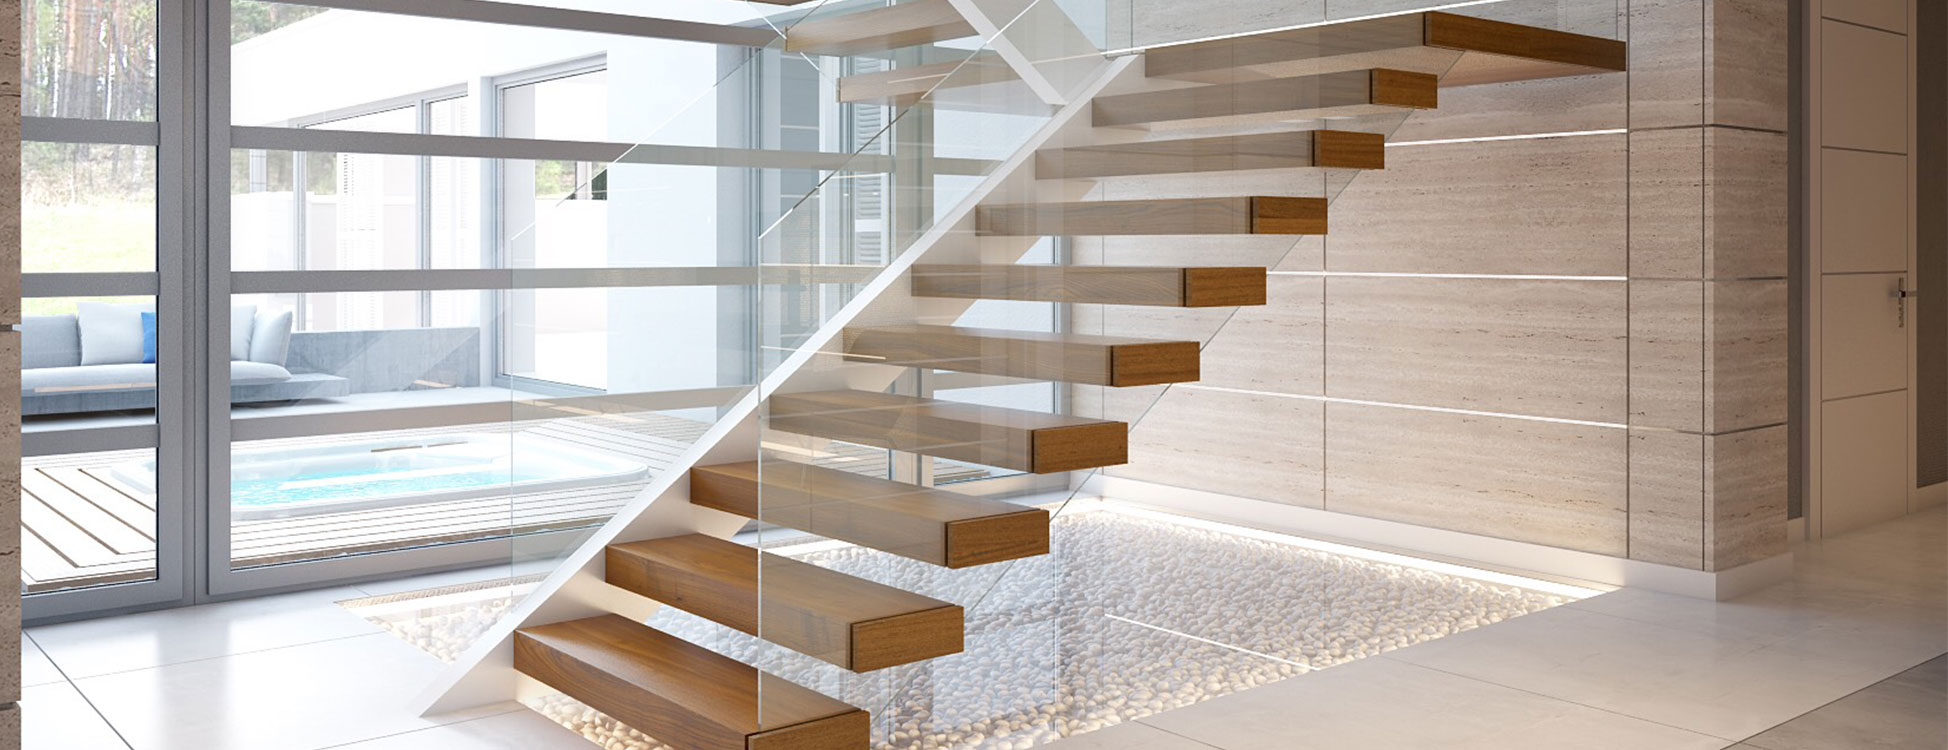 консольная лестница на фото